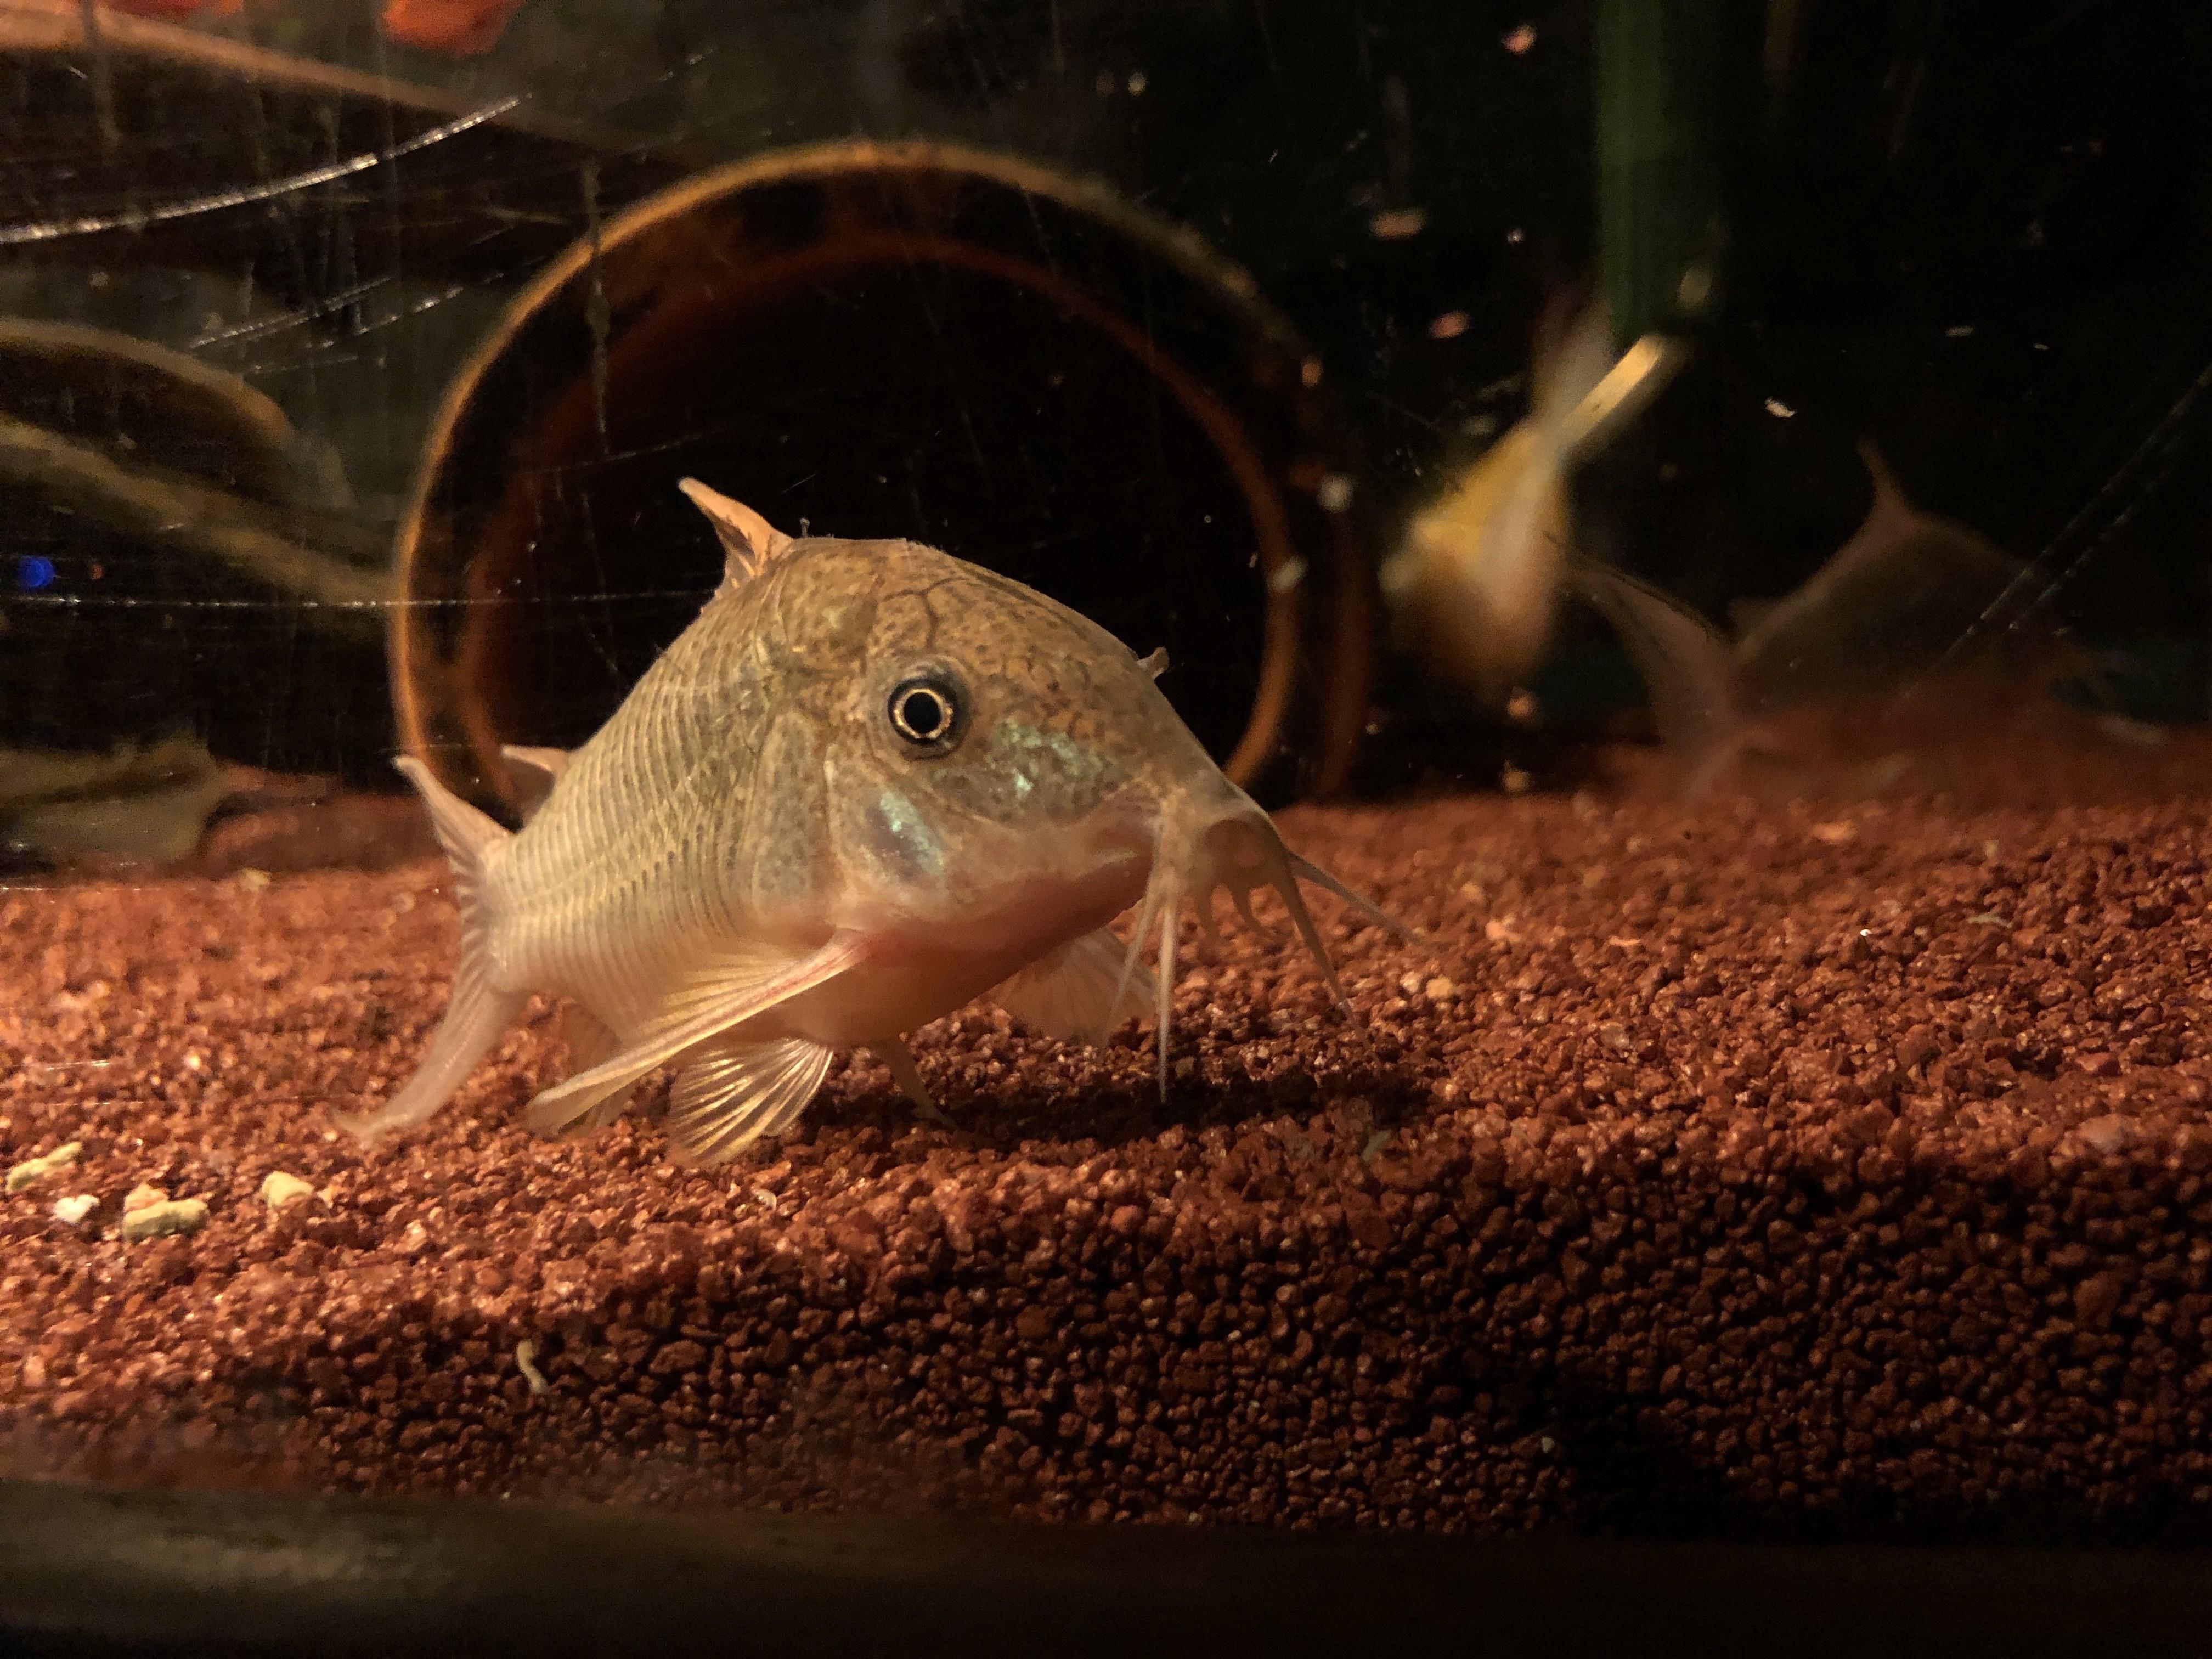 Como o mercado de peixes ornamentais ajuda a preservar outras espécies - Notícias - Plantão Diário